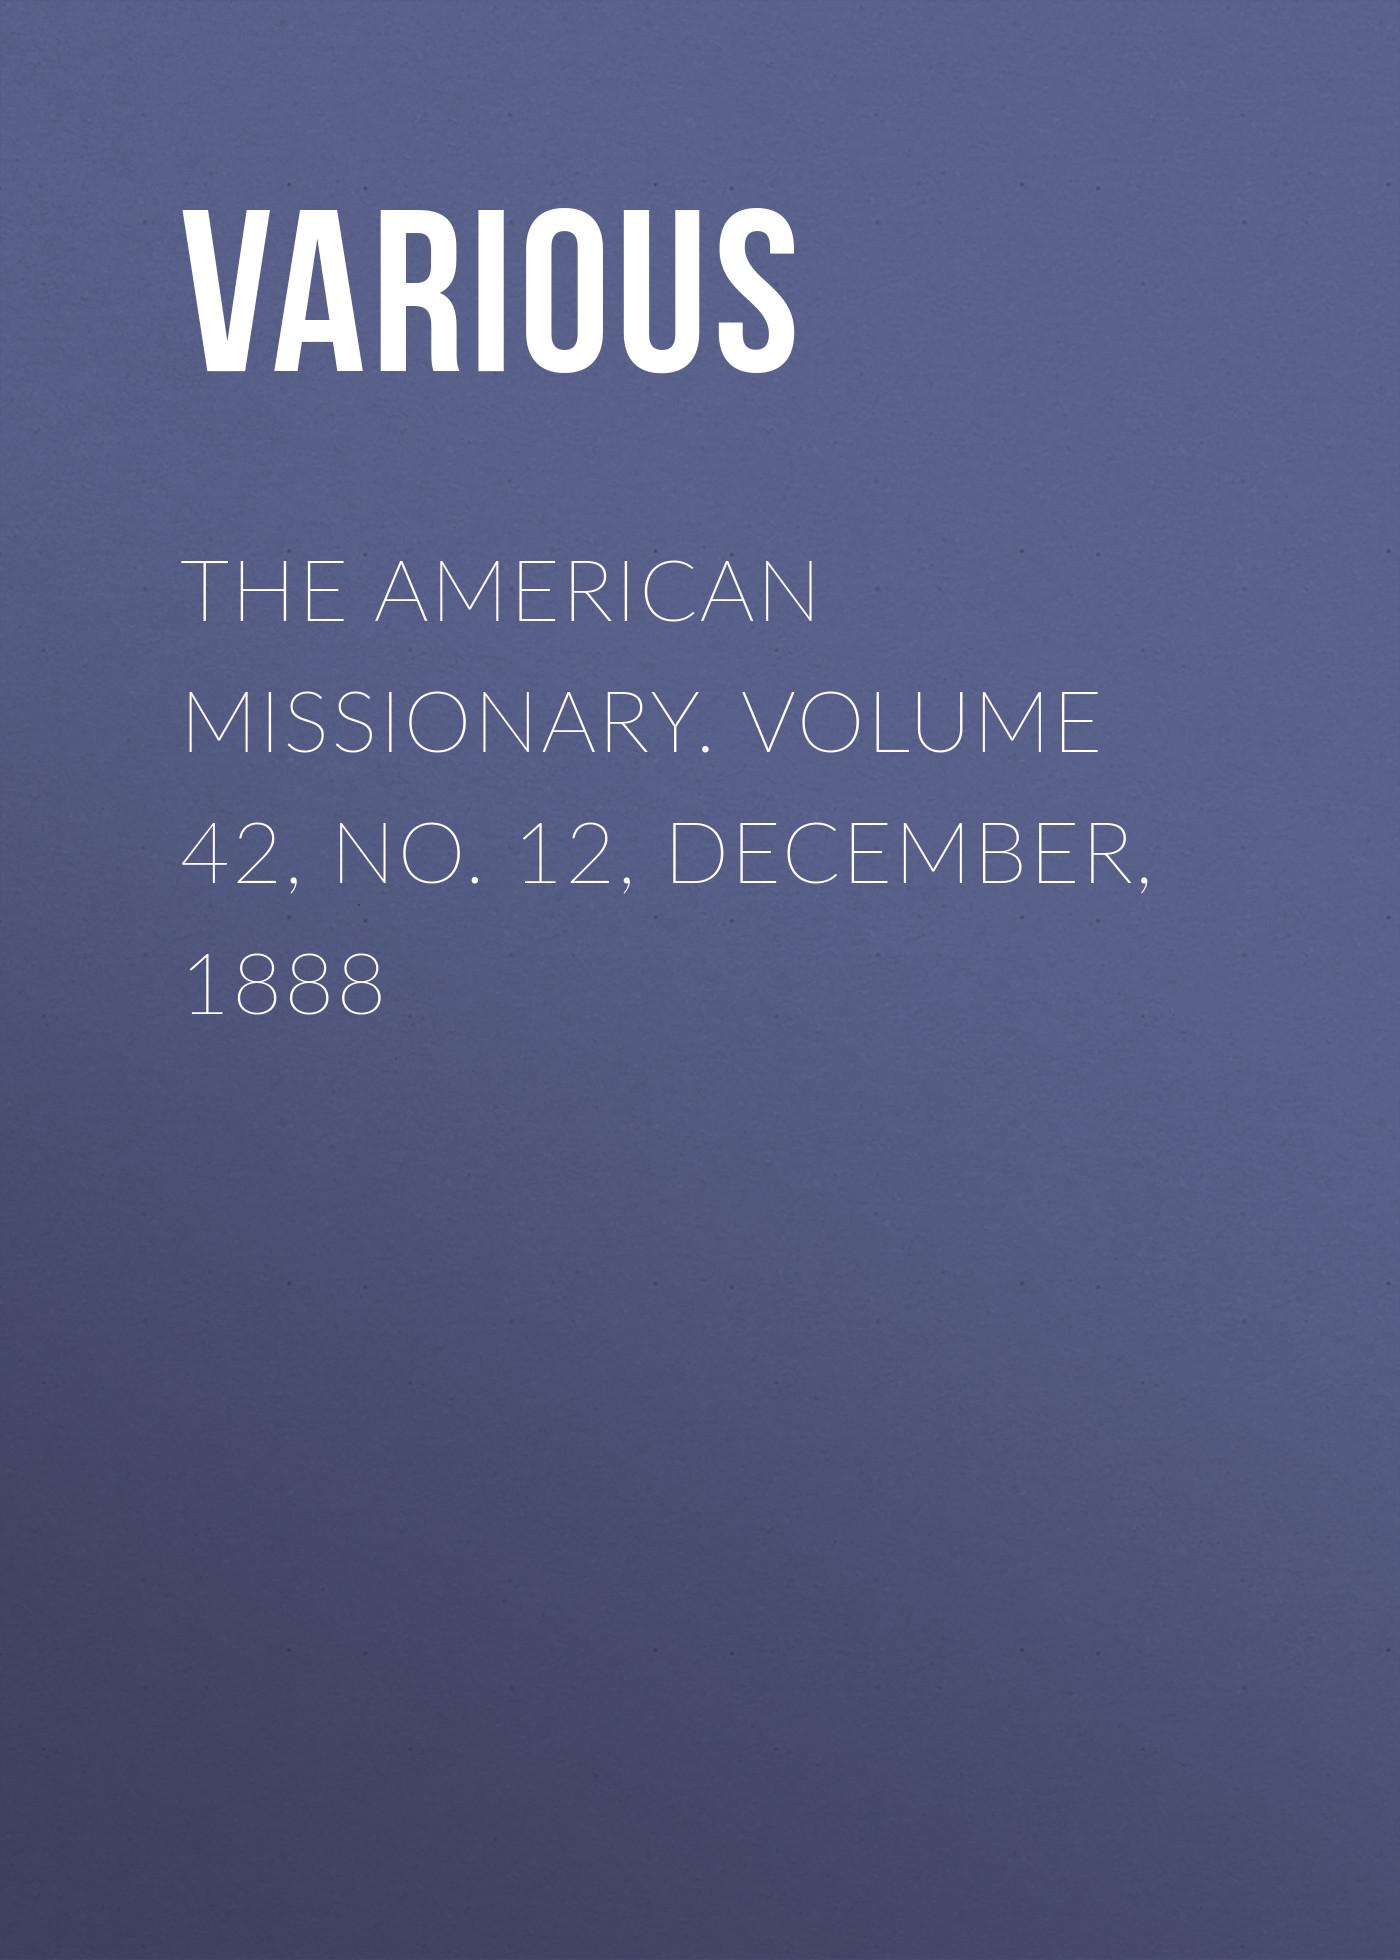 лучшая цена Various The American Missionary. Volume 42, No. 12, December, 1888